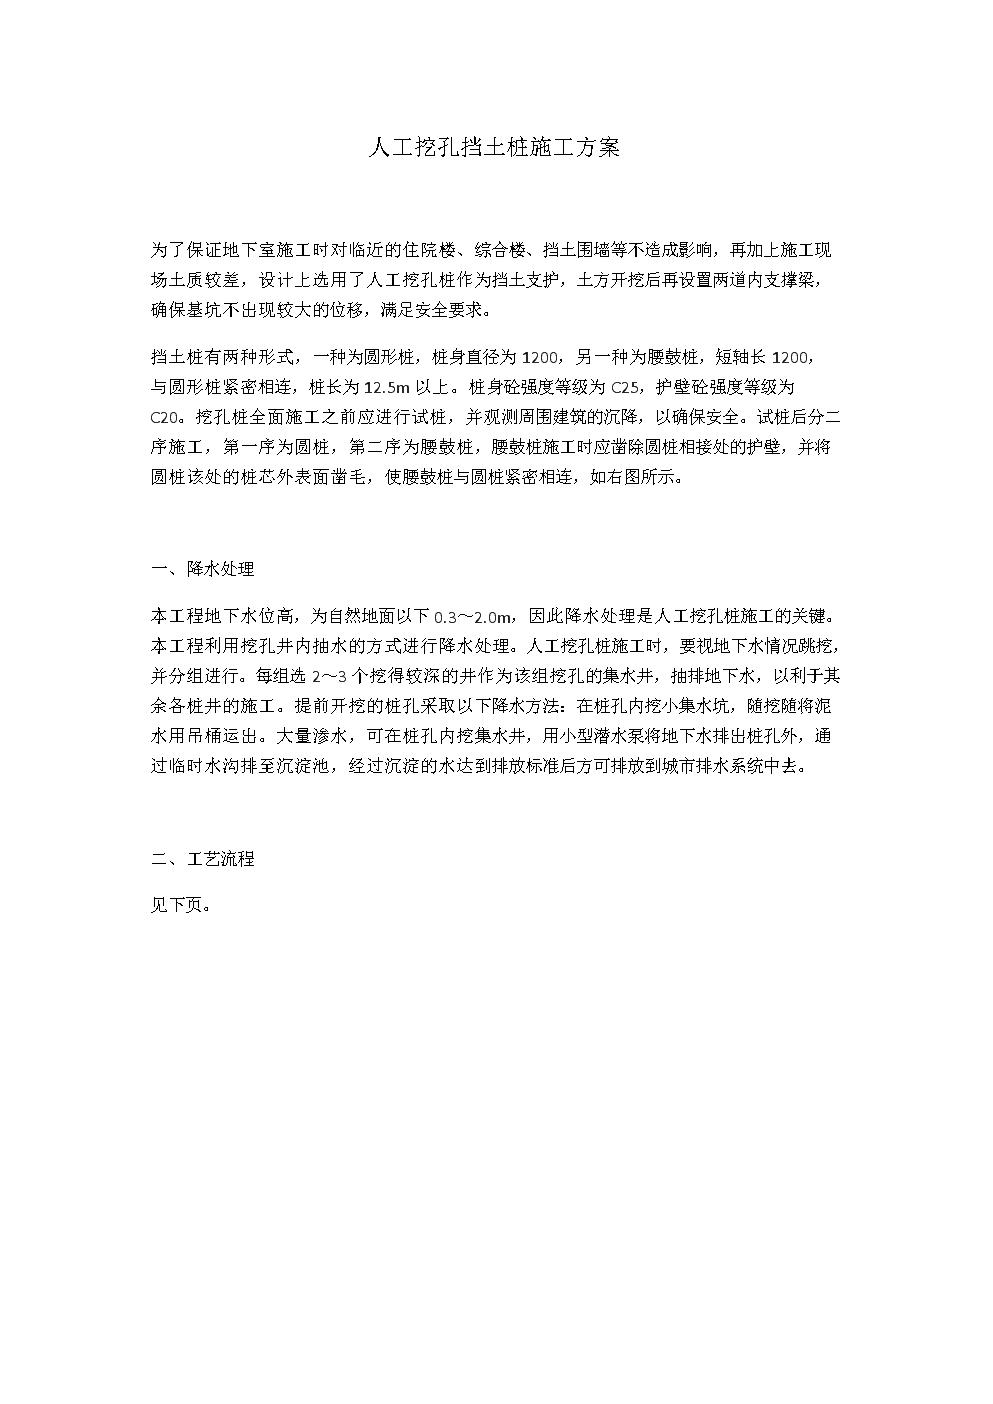 人工挖孔挡土桩施工方案.docx